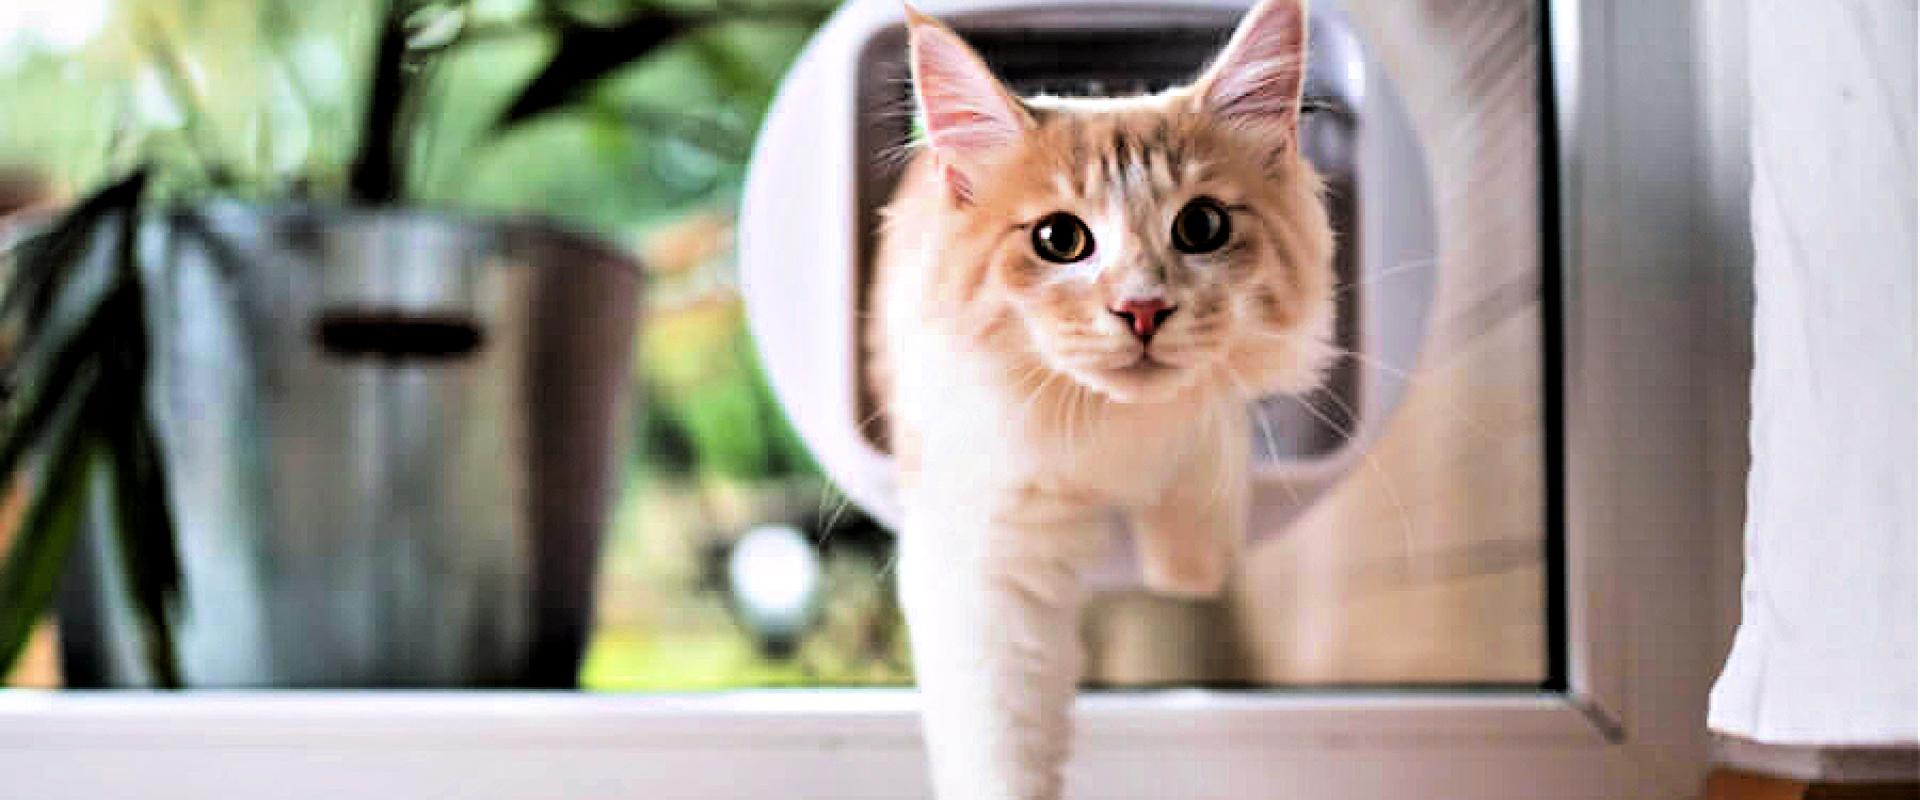 Kattenluik gluiperds